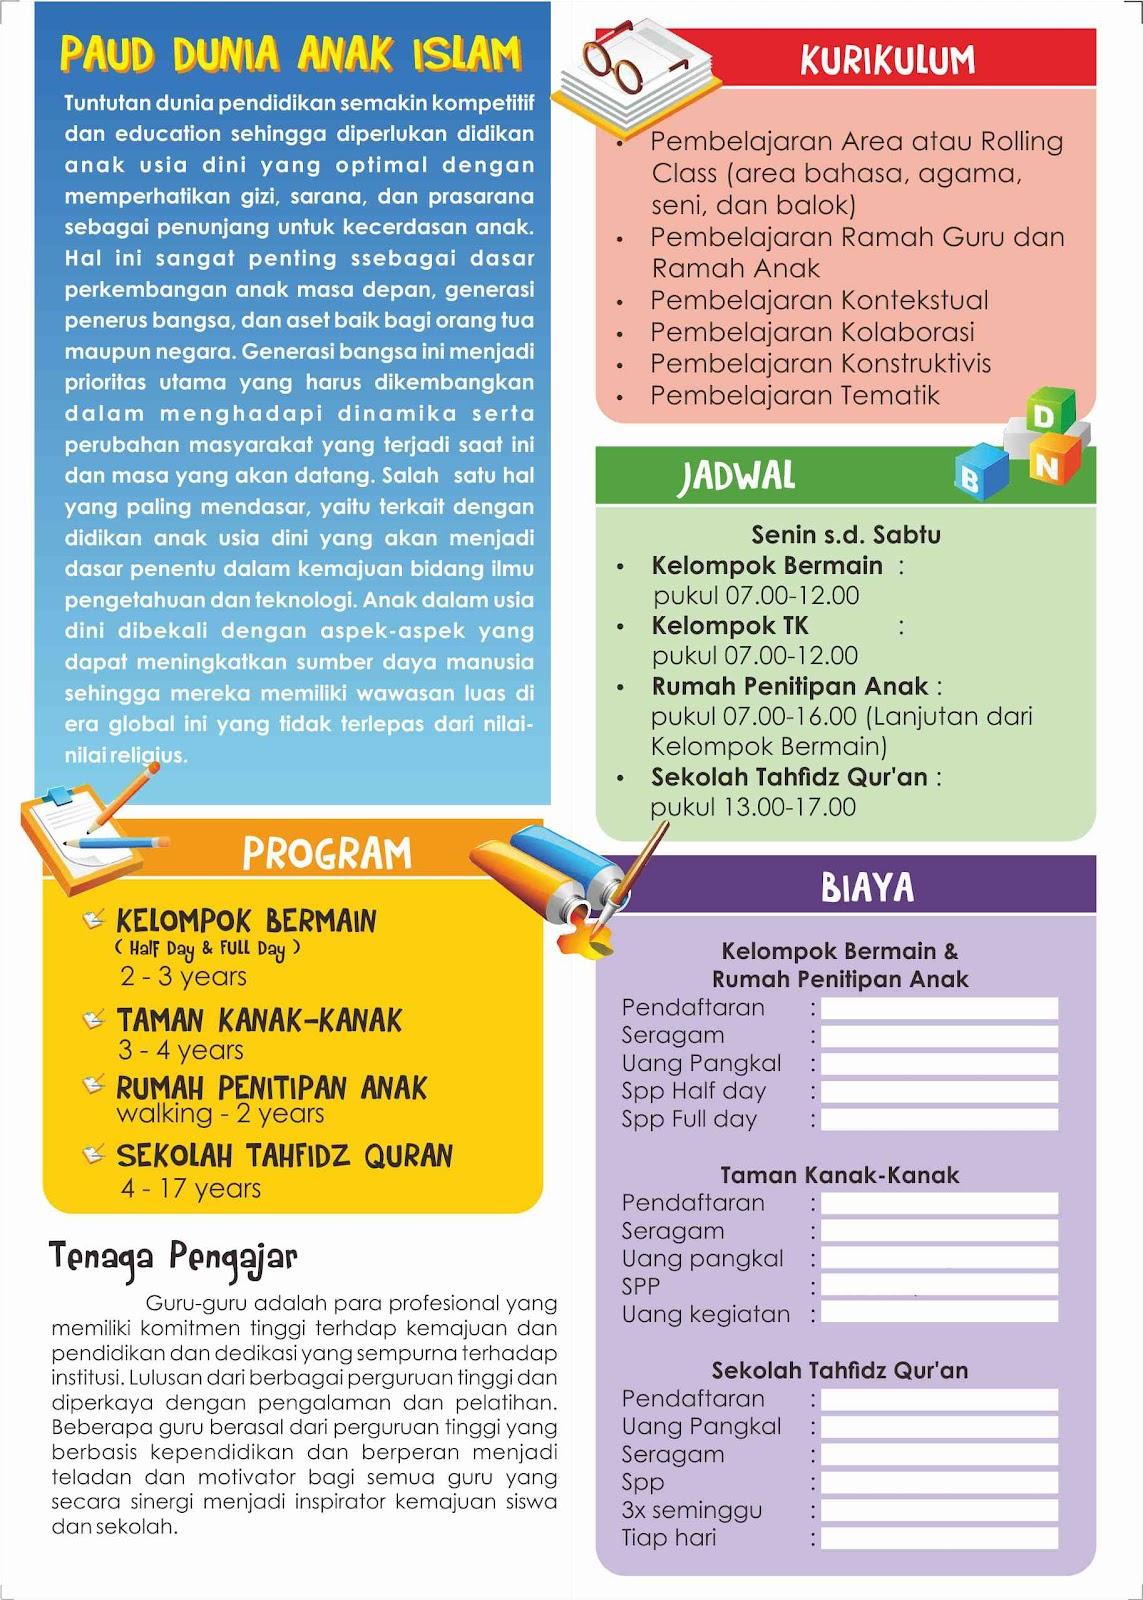 Contoh Brosur Paud Dai Desain Grafis Makassar